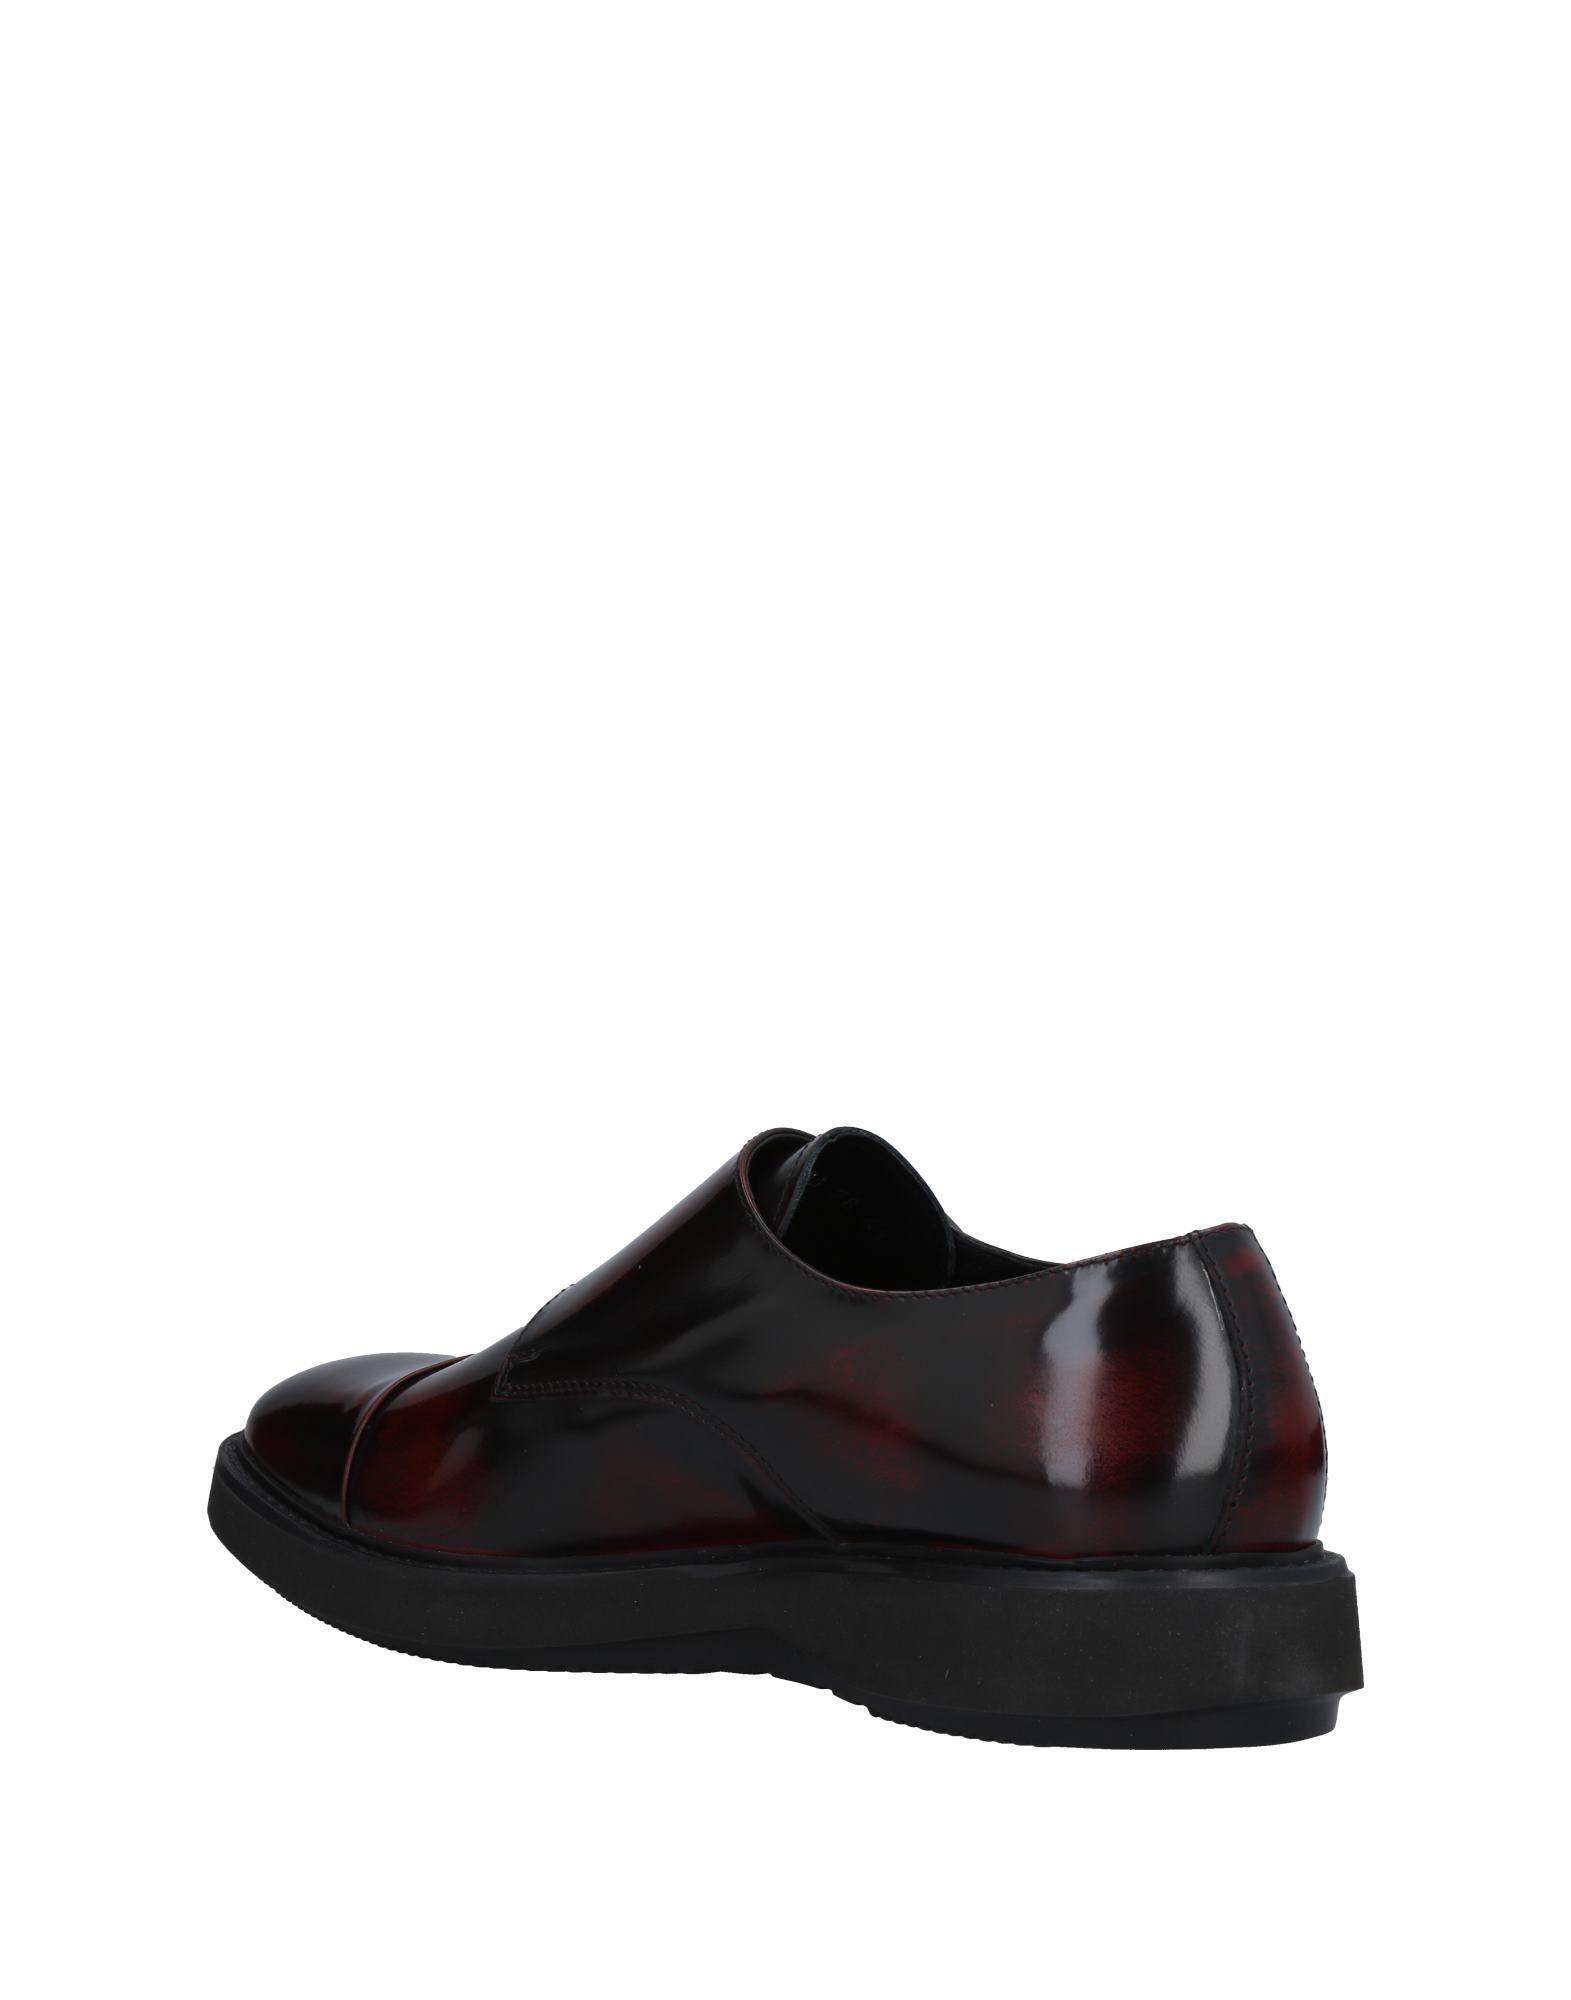 Herren Docksteps Mokassins Herren   11477712LS Heiße Schuhe 610135